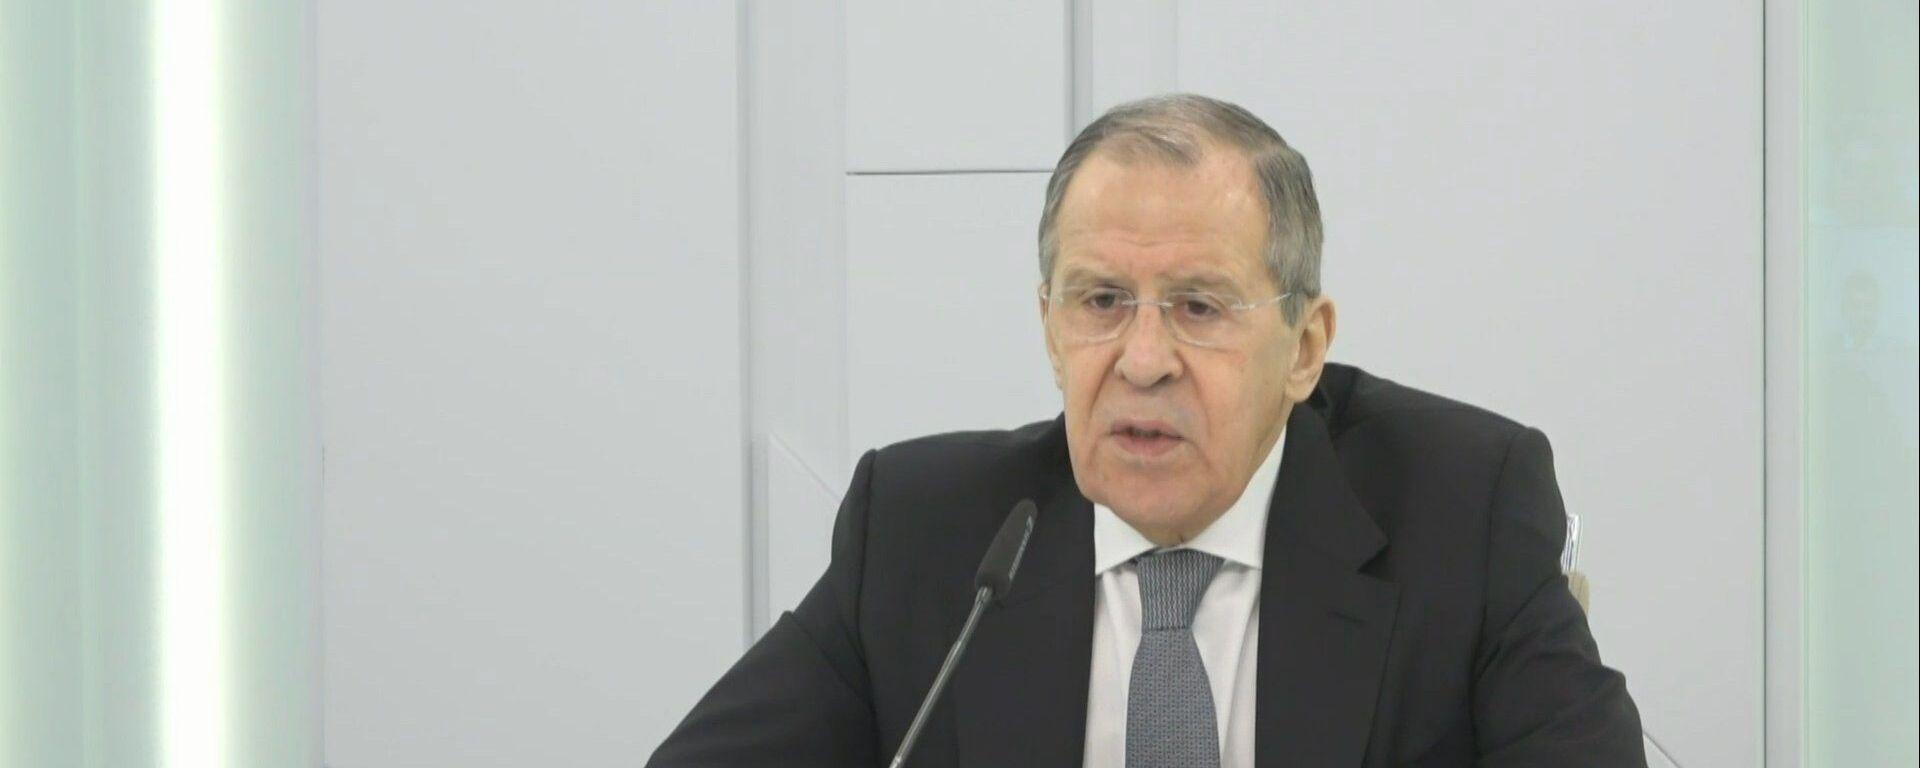 Лавров: Россия готова обсуждать новые виды вооружений за рамками СНВ-3 - Sputnik Узбекистан, 1920, 27.04.2020